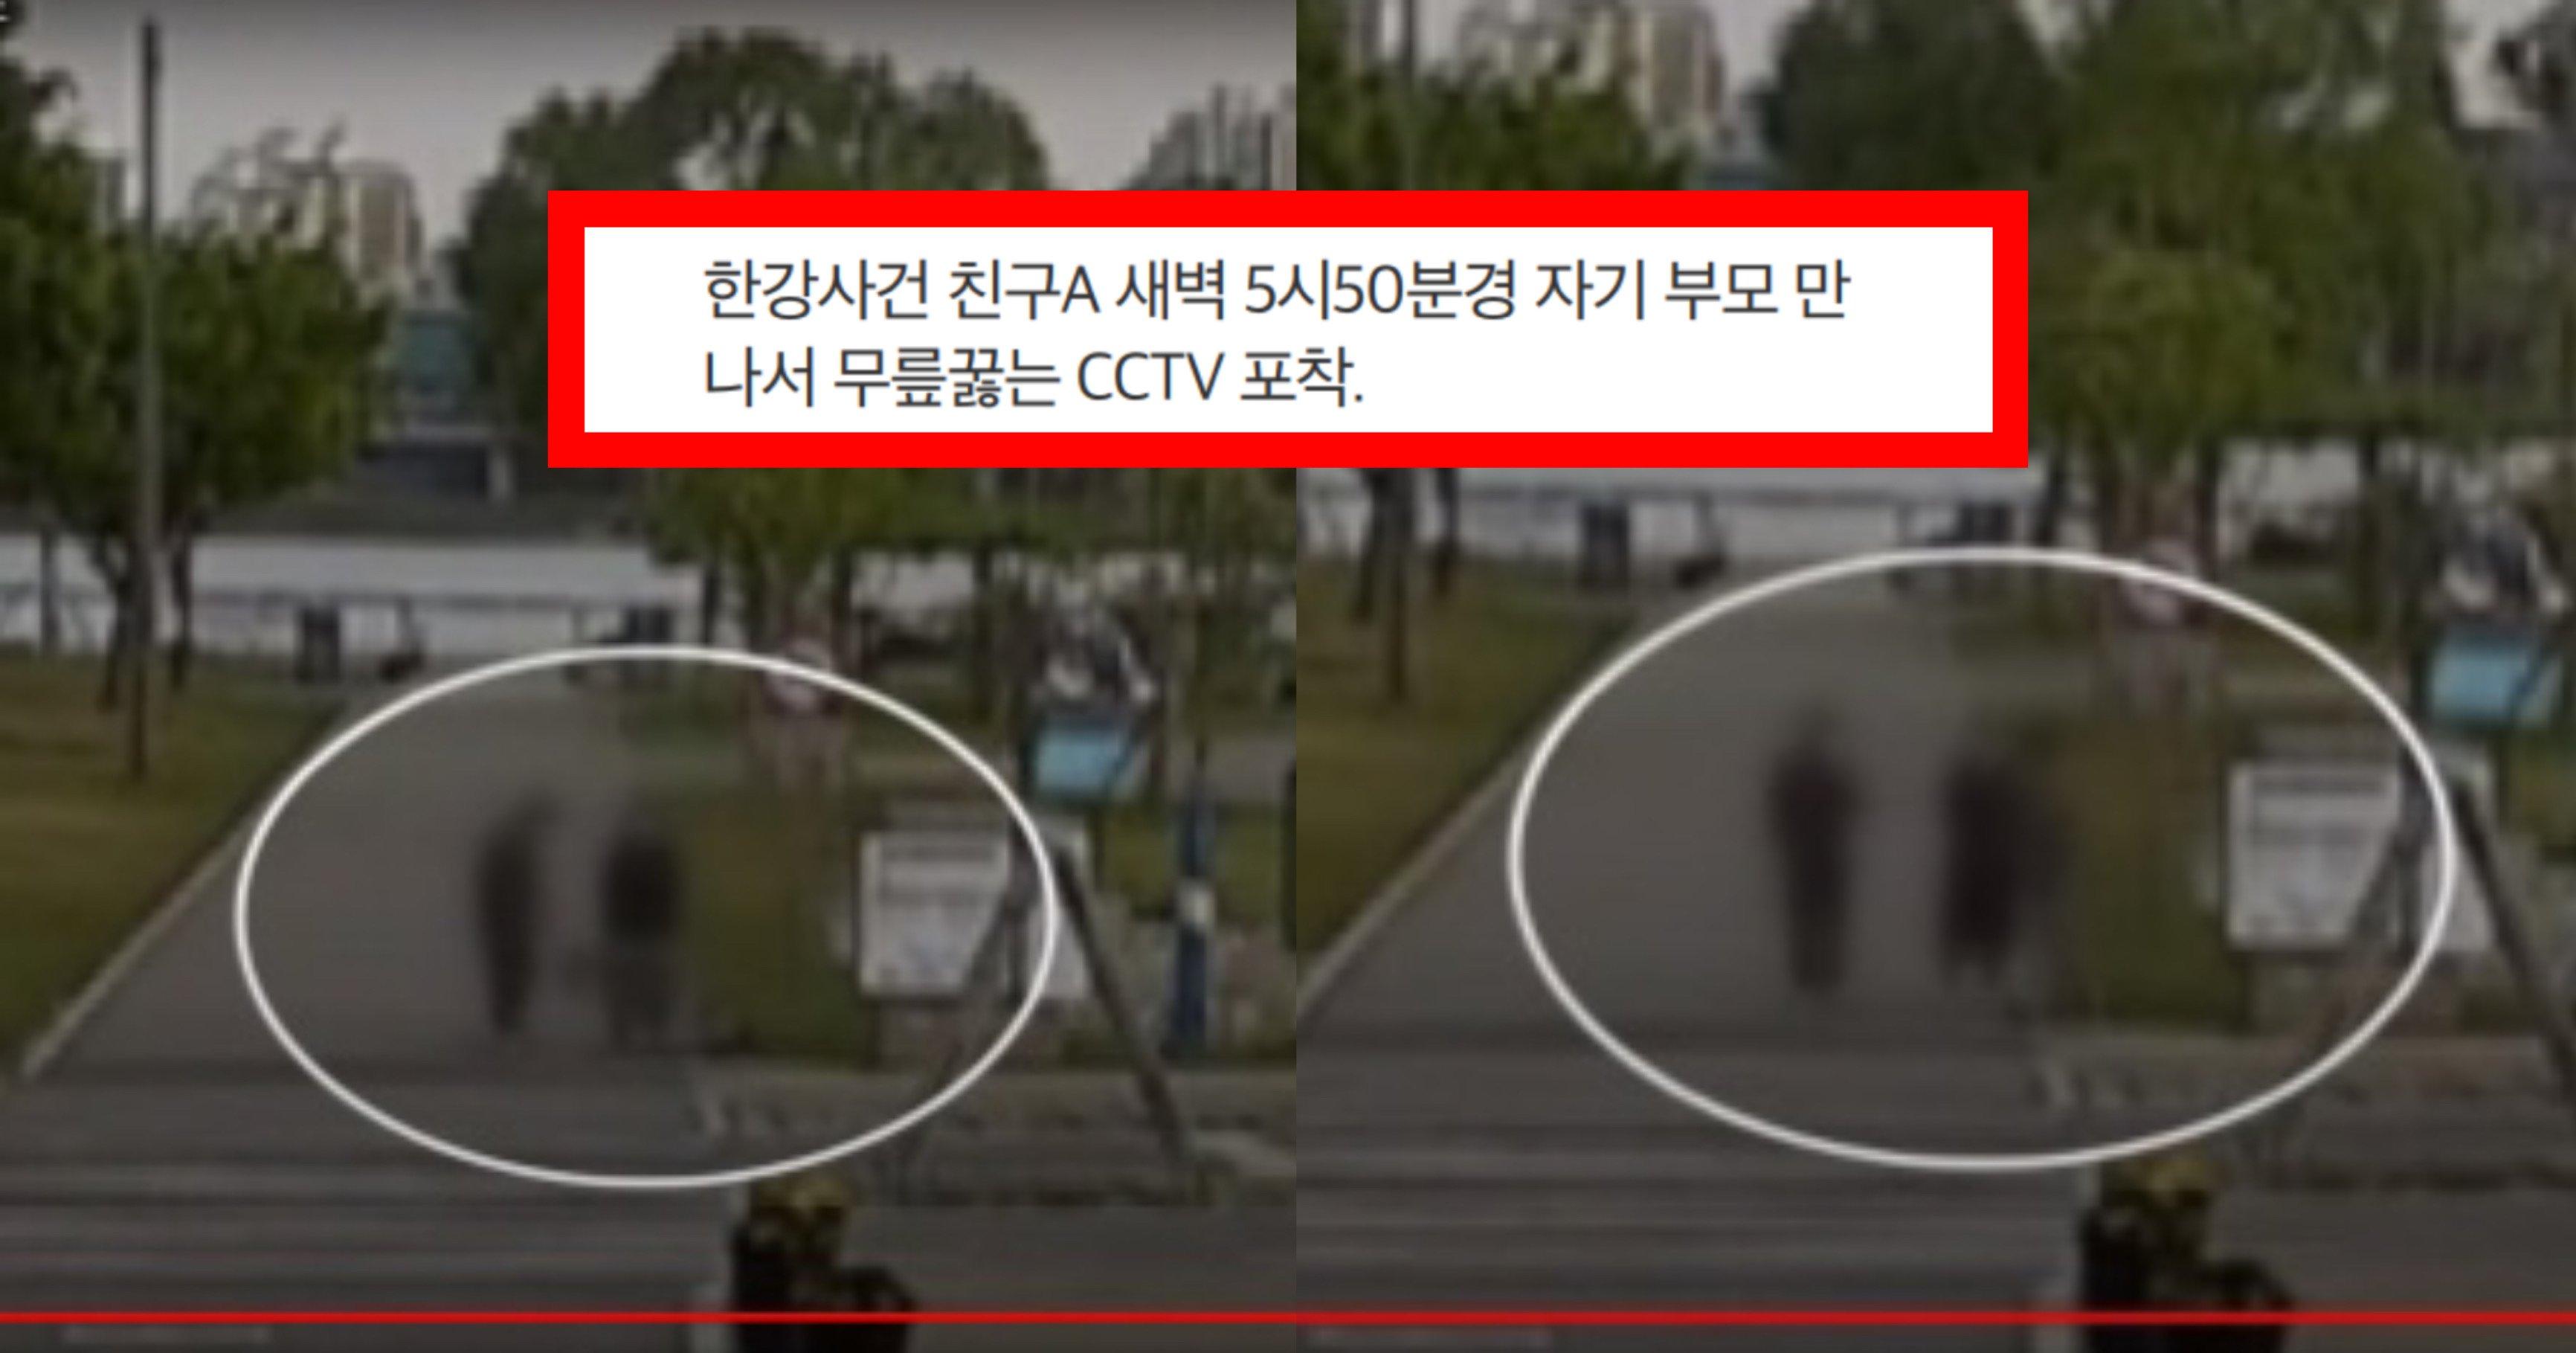 09a46bfc d98d 487f a32a 22dcb41dfb67.jpeg?resize=412,232 - 한강 실종 의대생 친구 부모 만나 무릎 꿇는 '충격적인' 내용의 CCTV가 공개 됐다